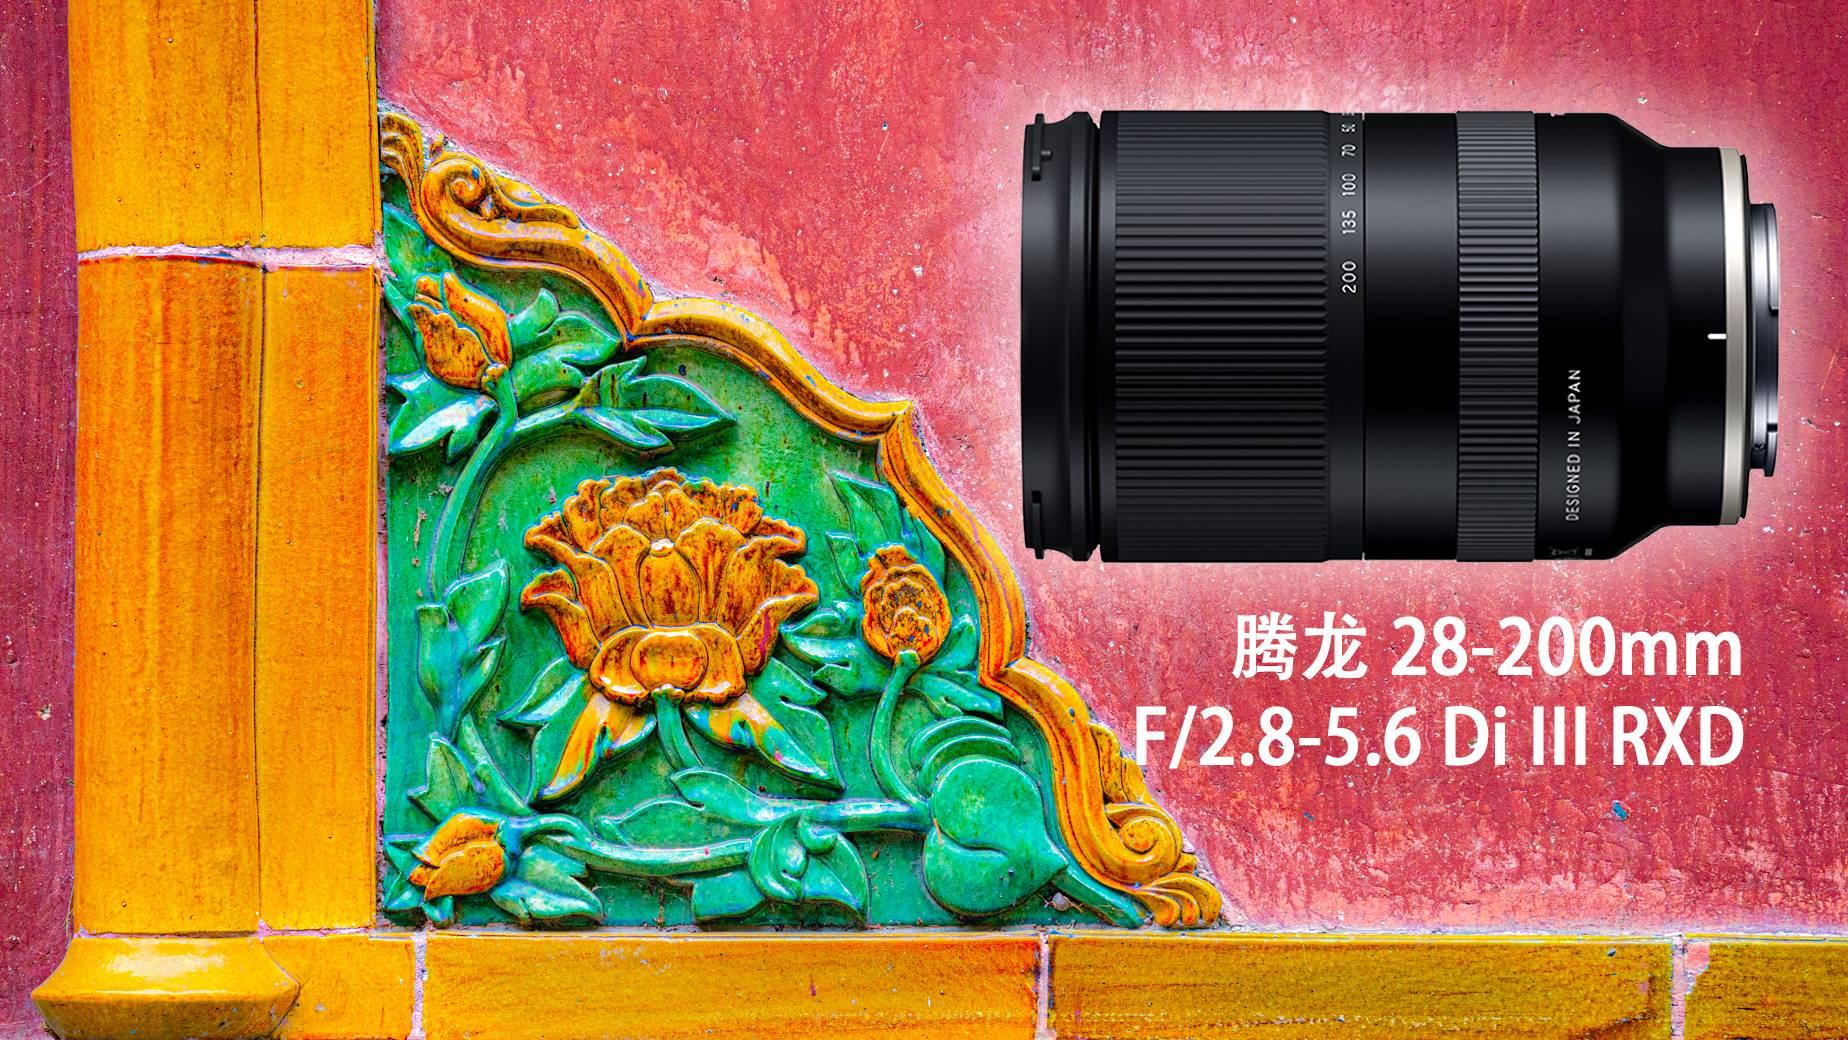 腾龙28-200mm 旅拍更上一层楼